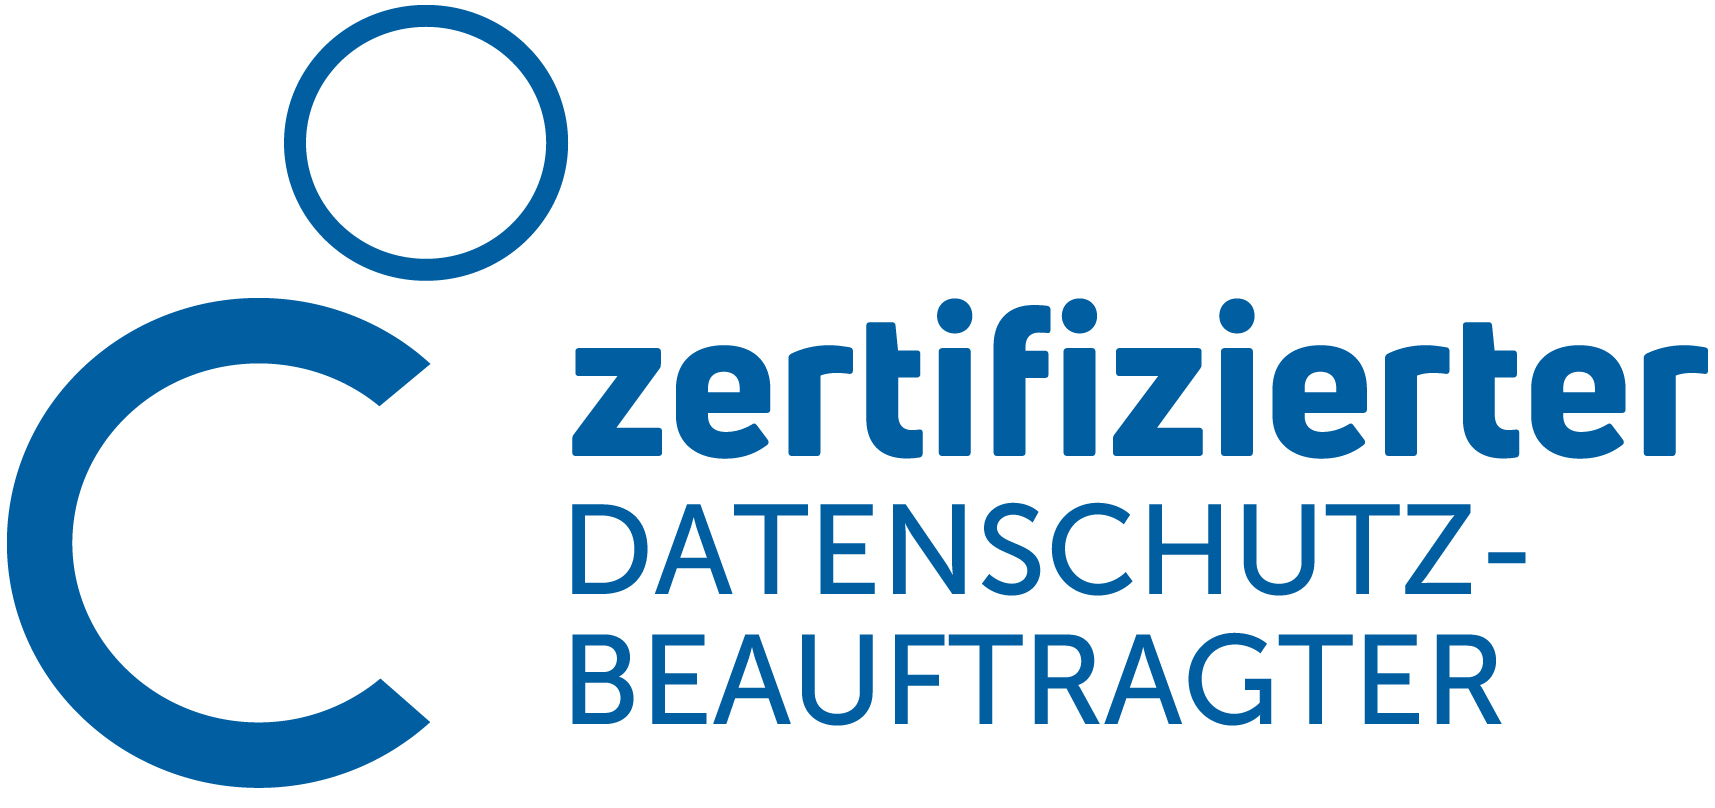 Produktlogo Zertifizierte/r Datenschutzbeauftragte/r